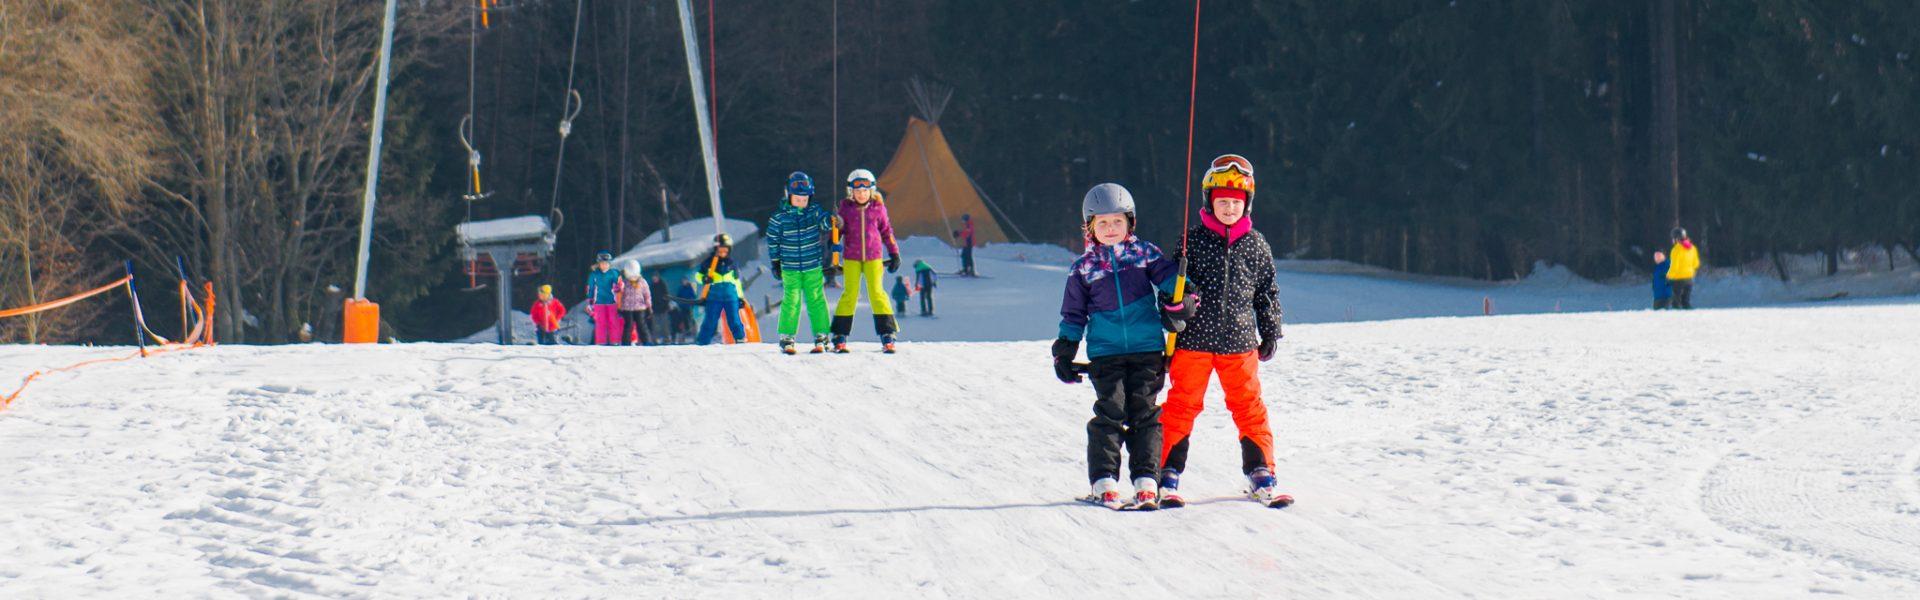 ssk skischule kunterbunt-49neu